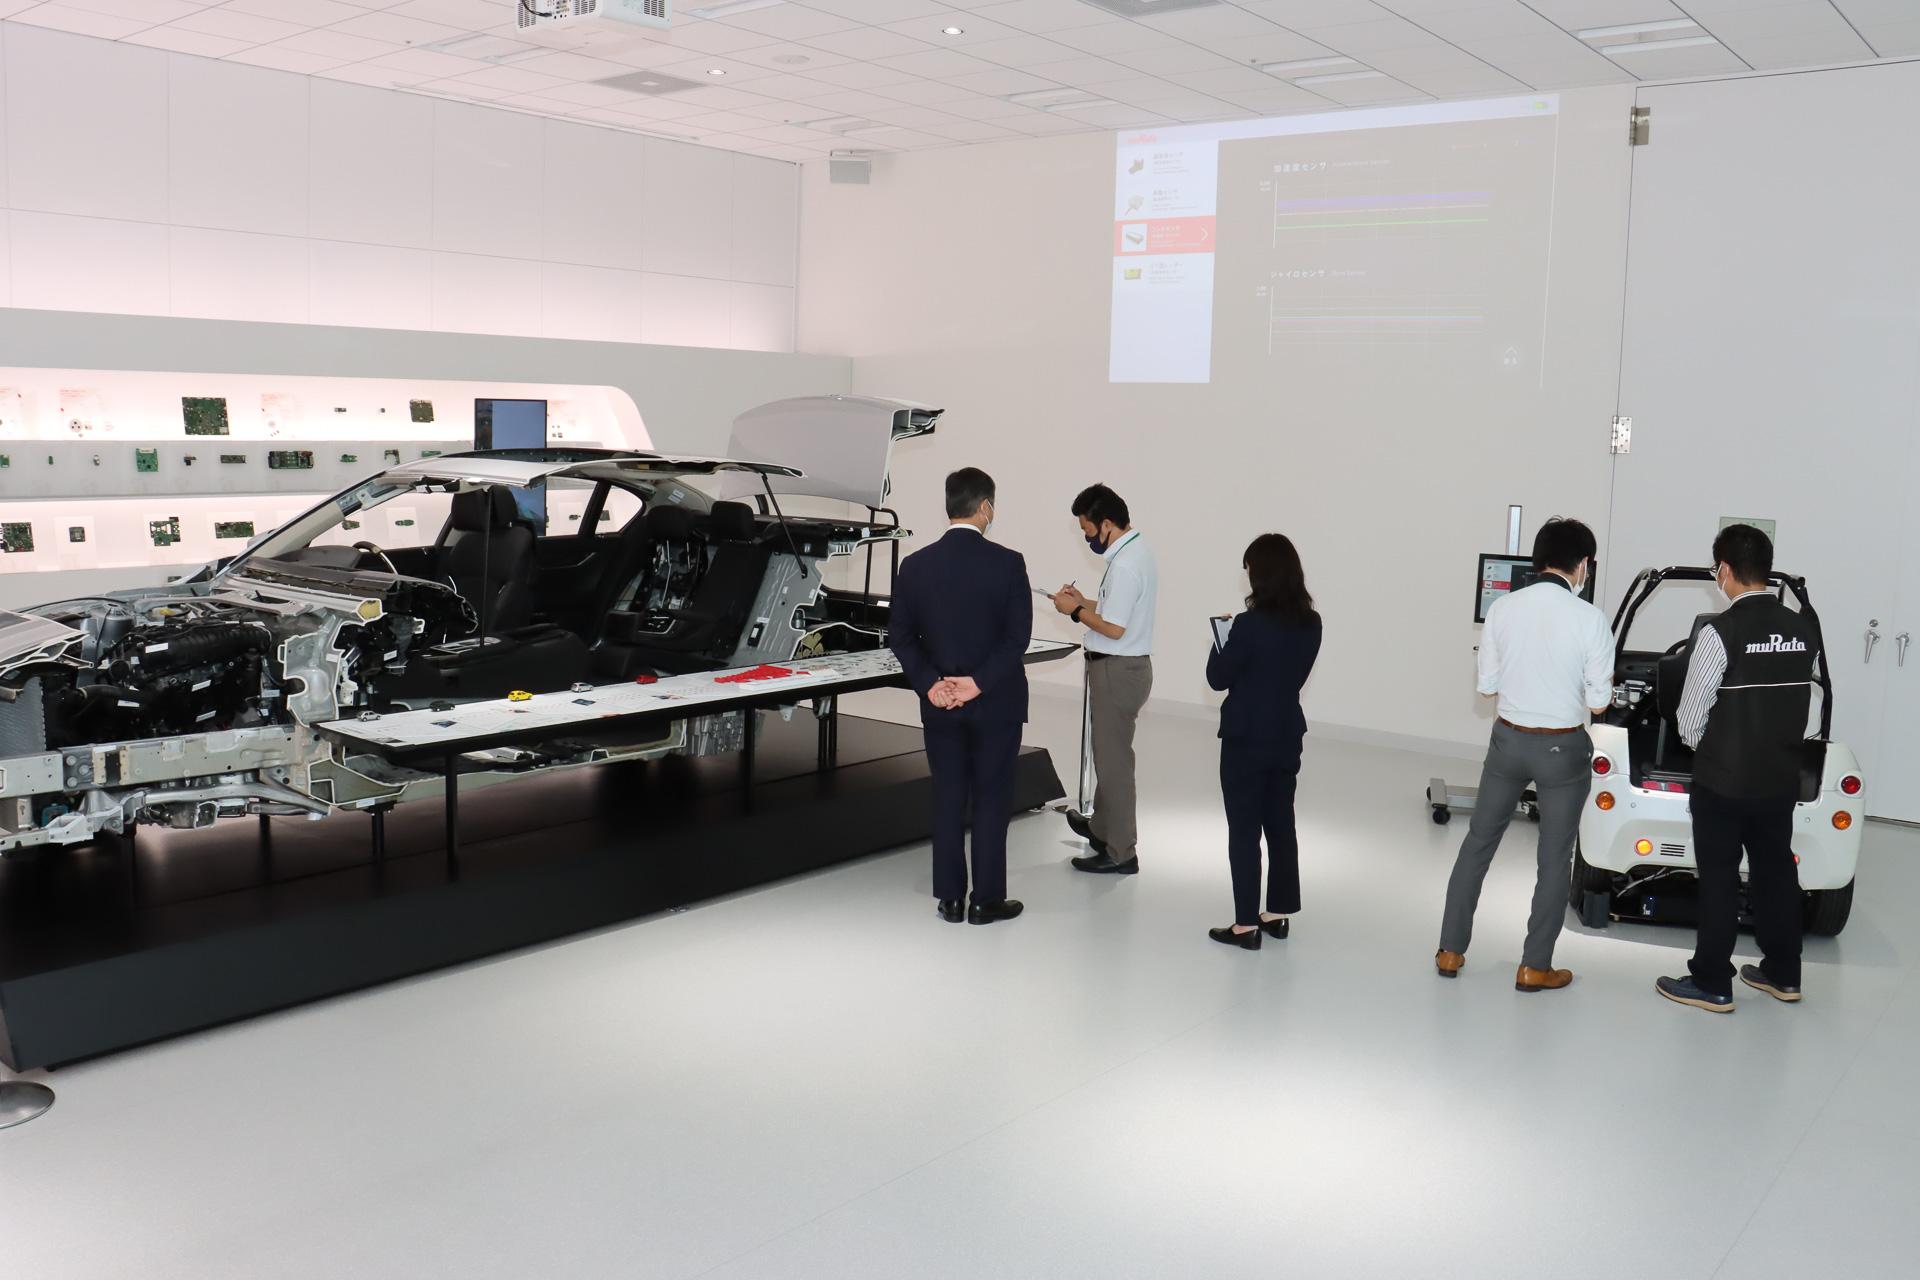 車両のカットモデルや村田製作所の製品などが並ぶMurata みらい Mobility